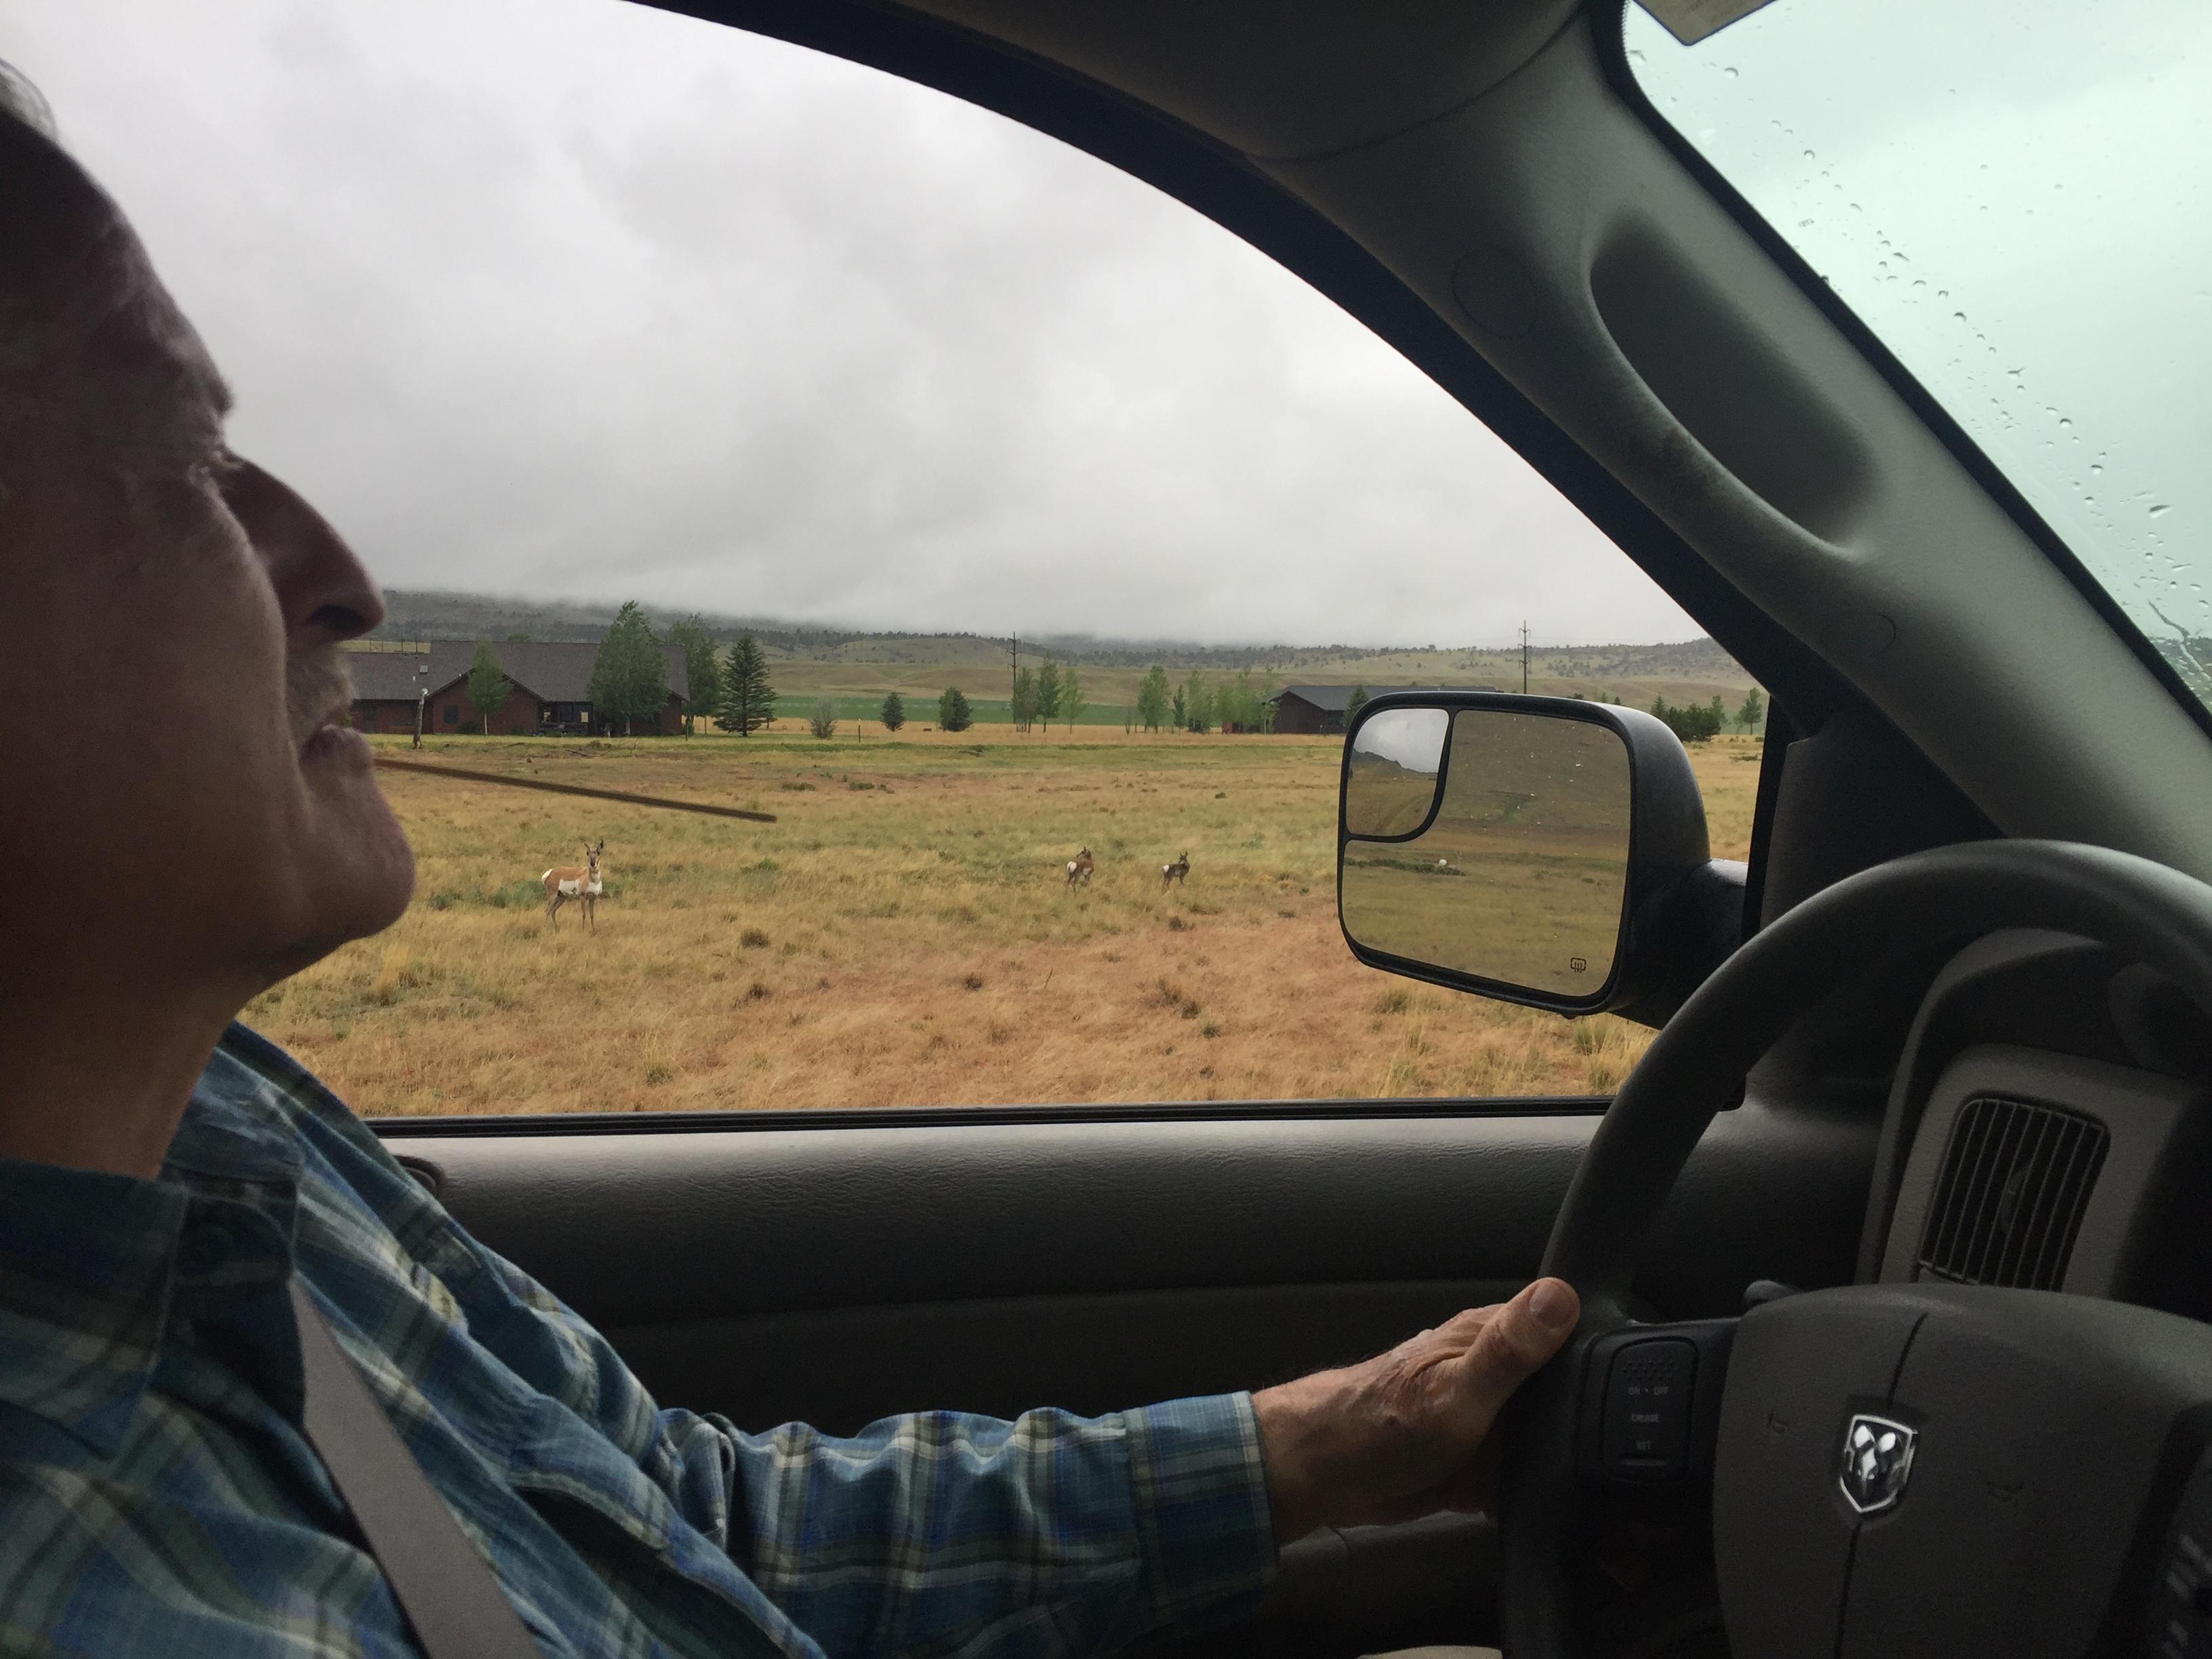 Bob w antelope in field.JPG